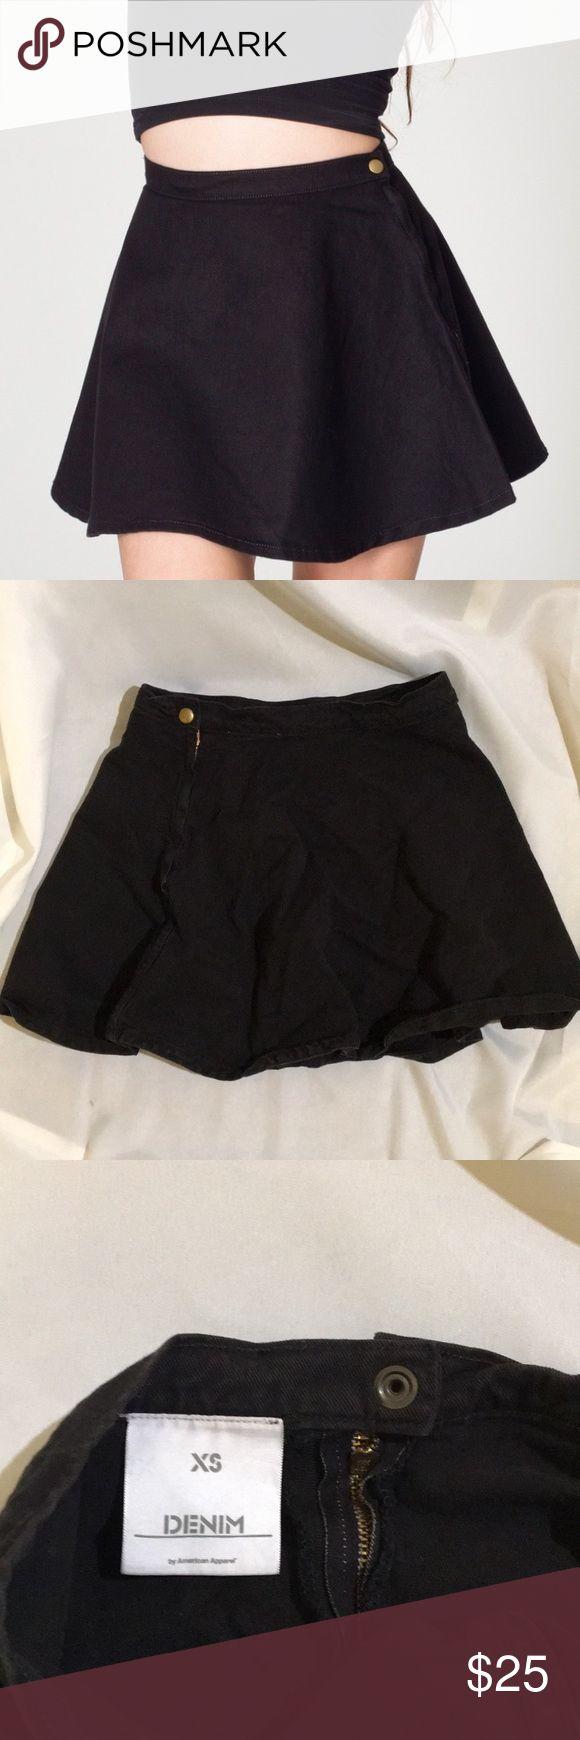 XS denim skater skirt American apparel denim skater skirt black. Excellent condition American Apparel Skirts